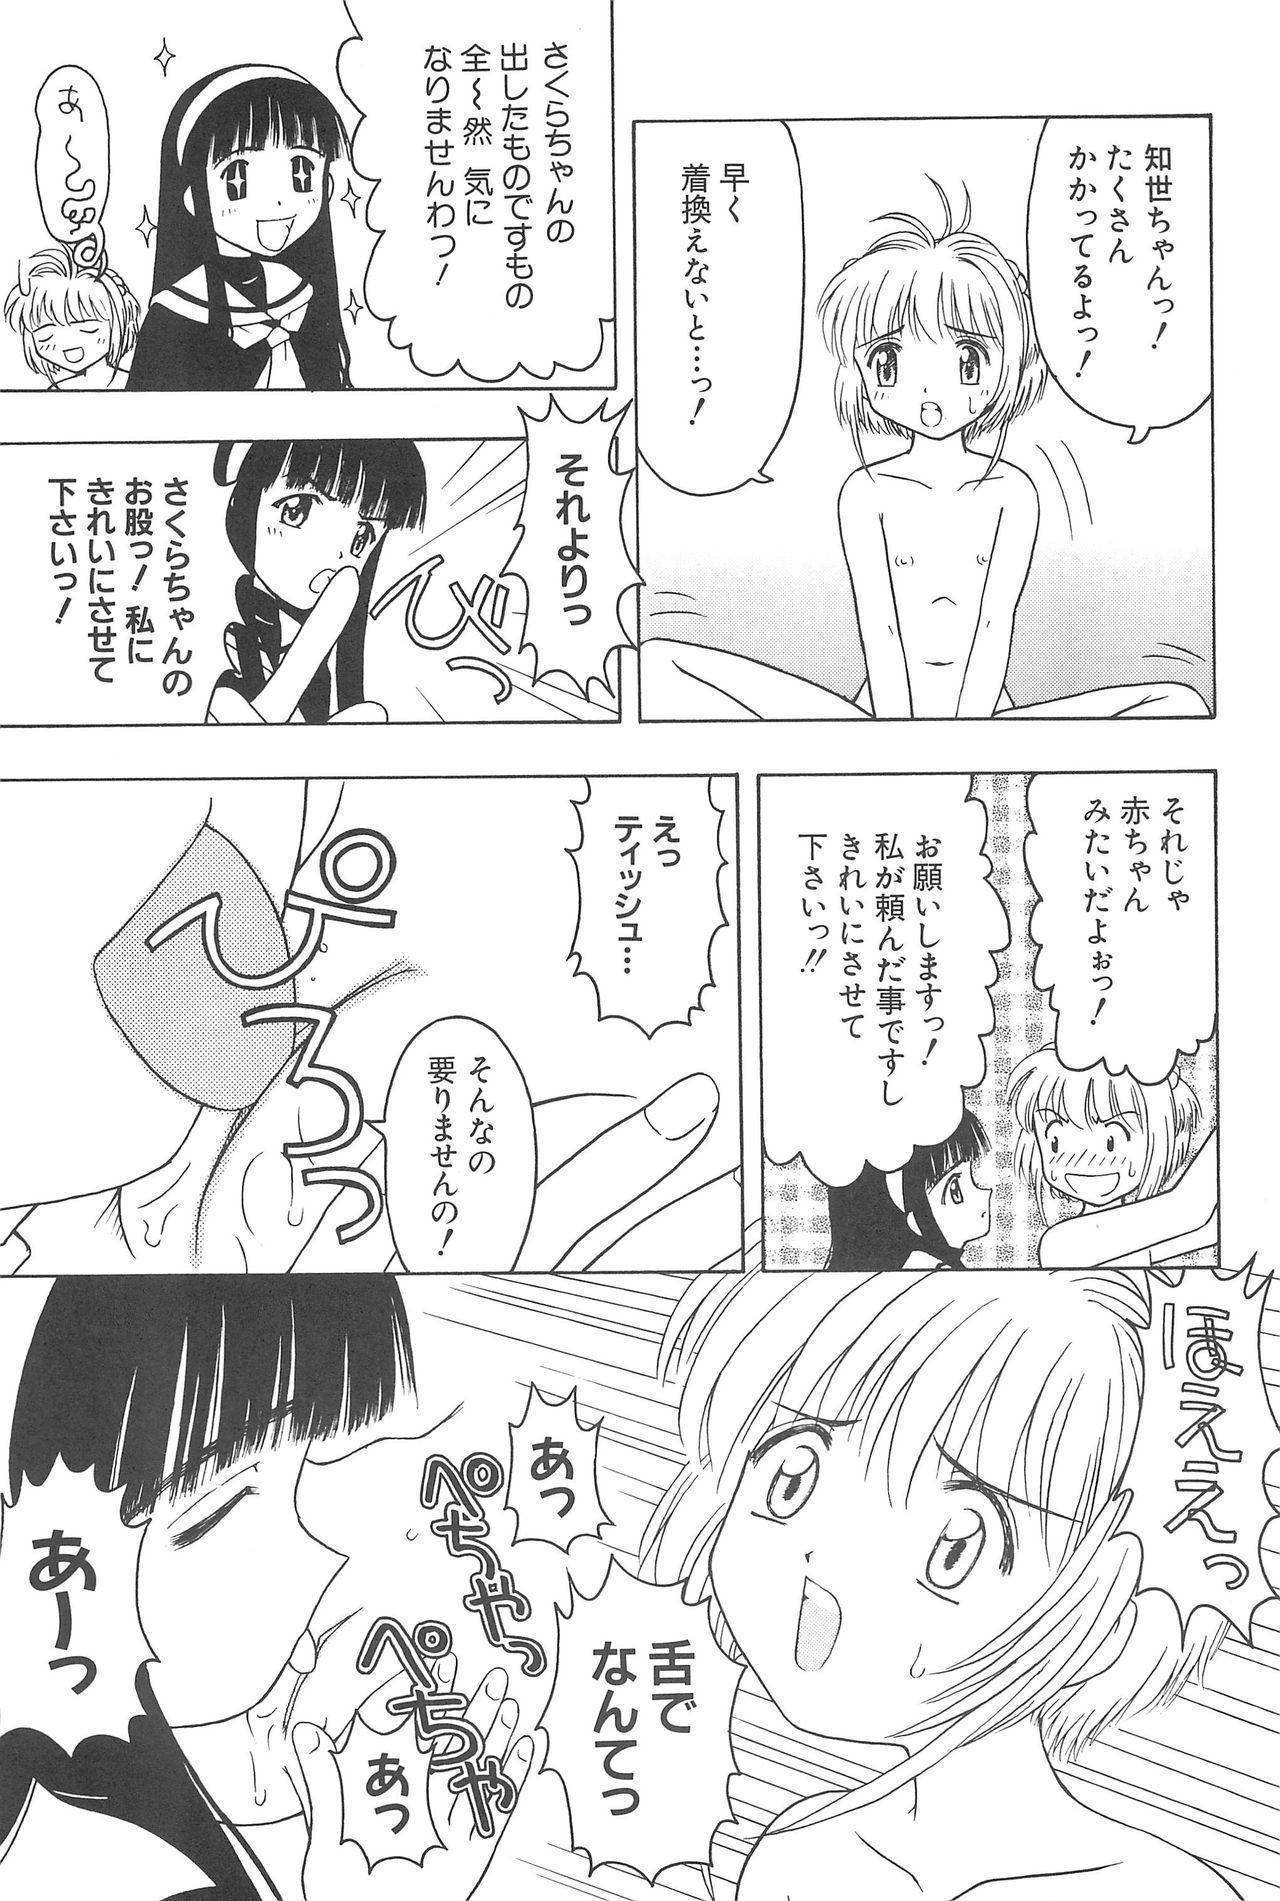 Sakura to Tomoyo ALL OF INTERCOURSE Jou 7